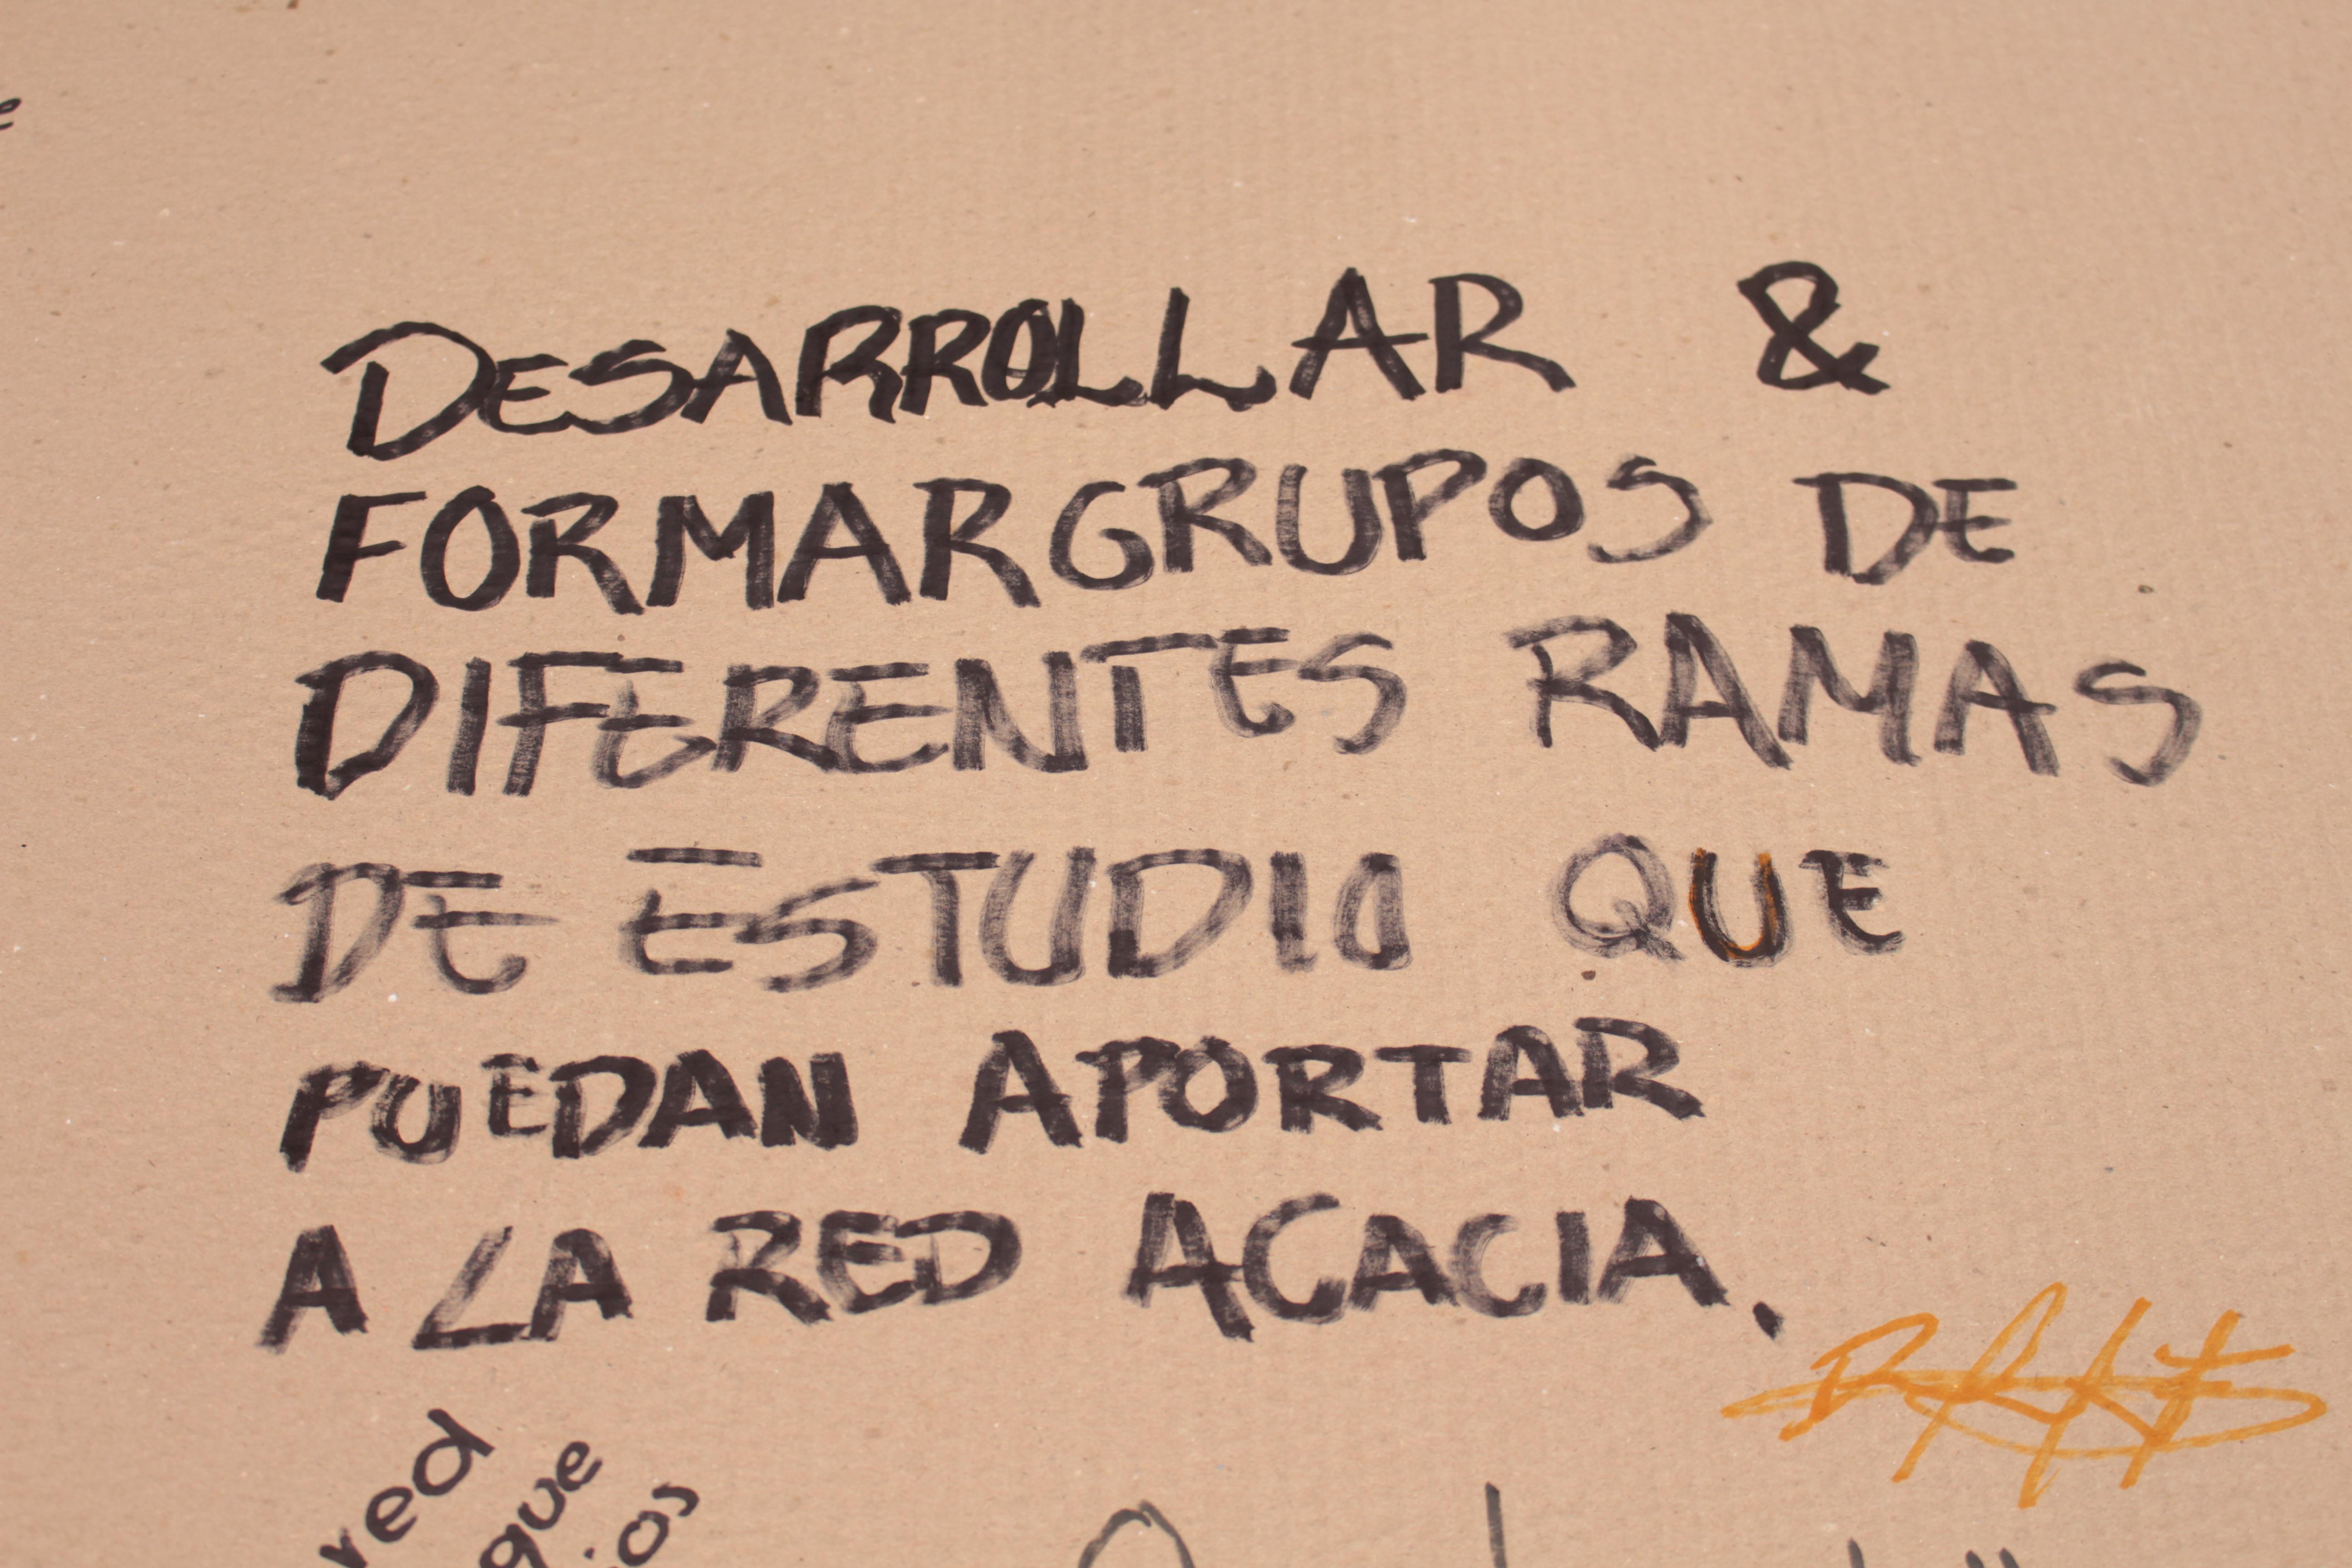 Desarrollar y formar grupos de diferentes ramas de estudio que puedan aportar a la Red Acacia